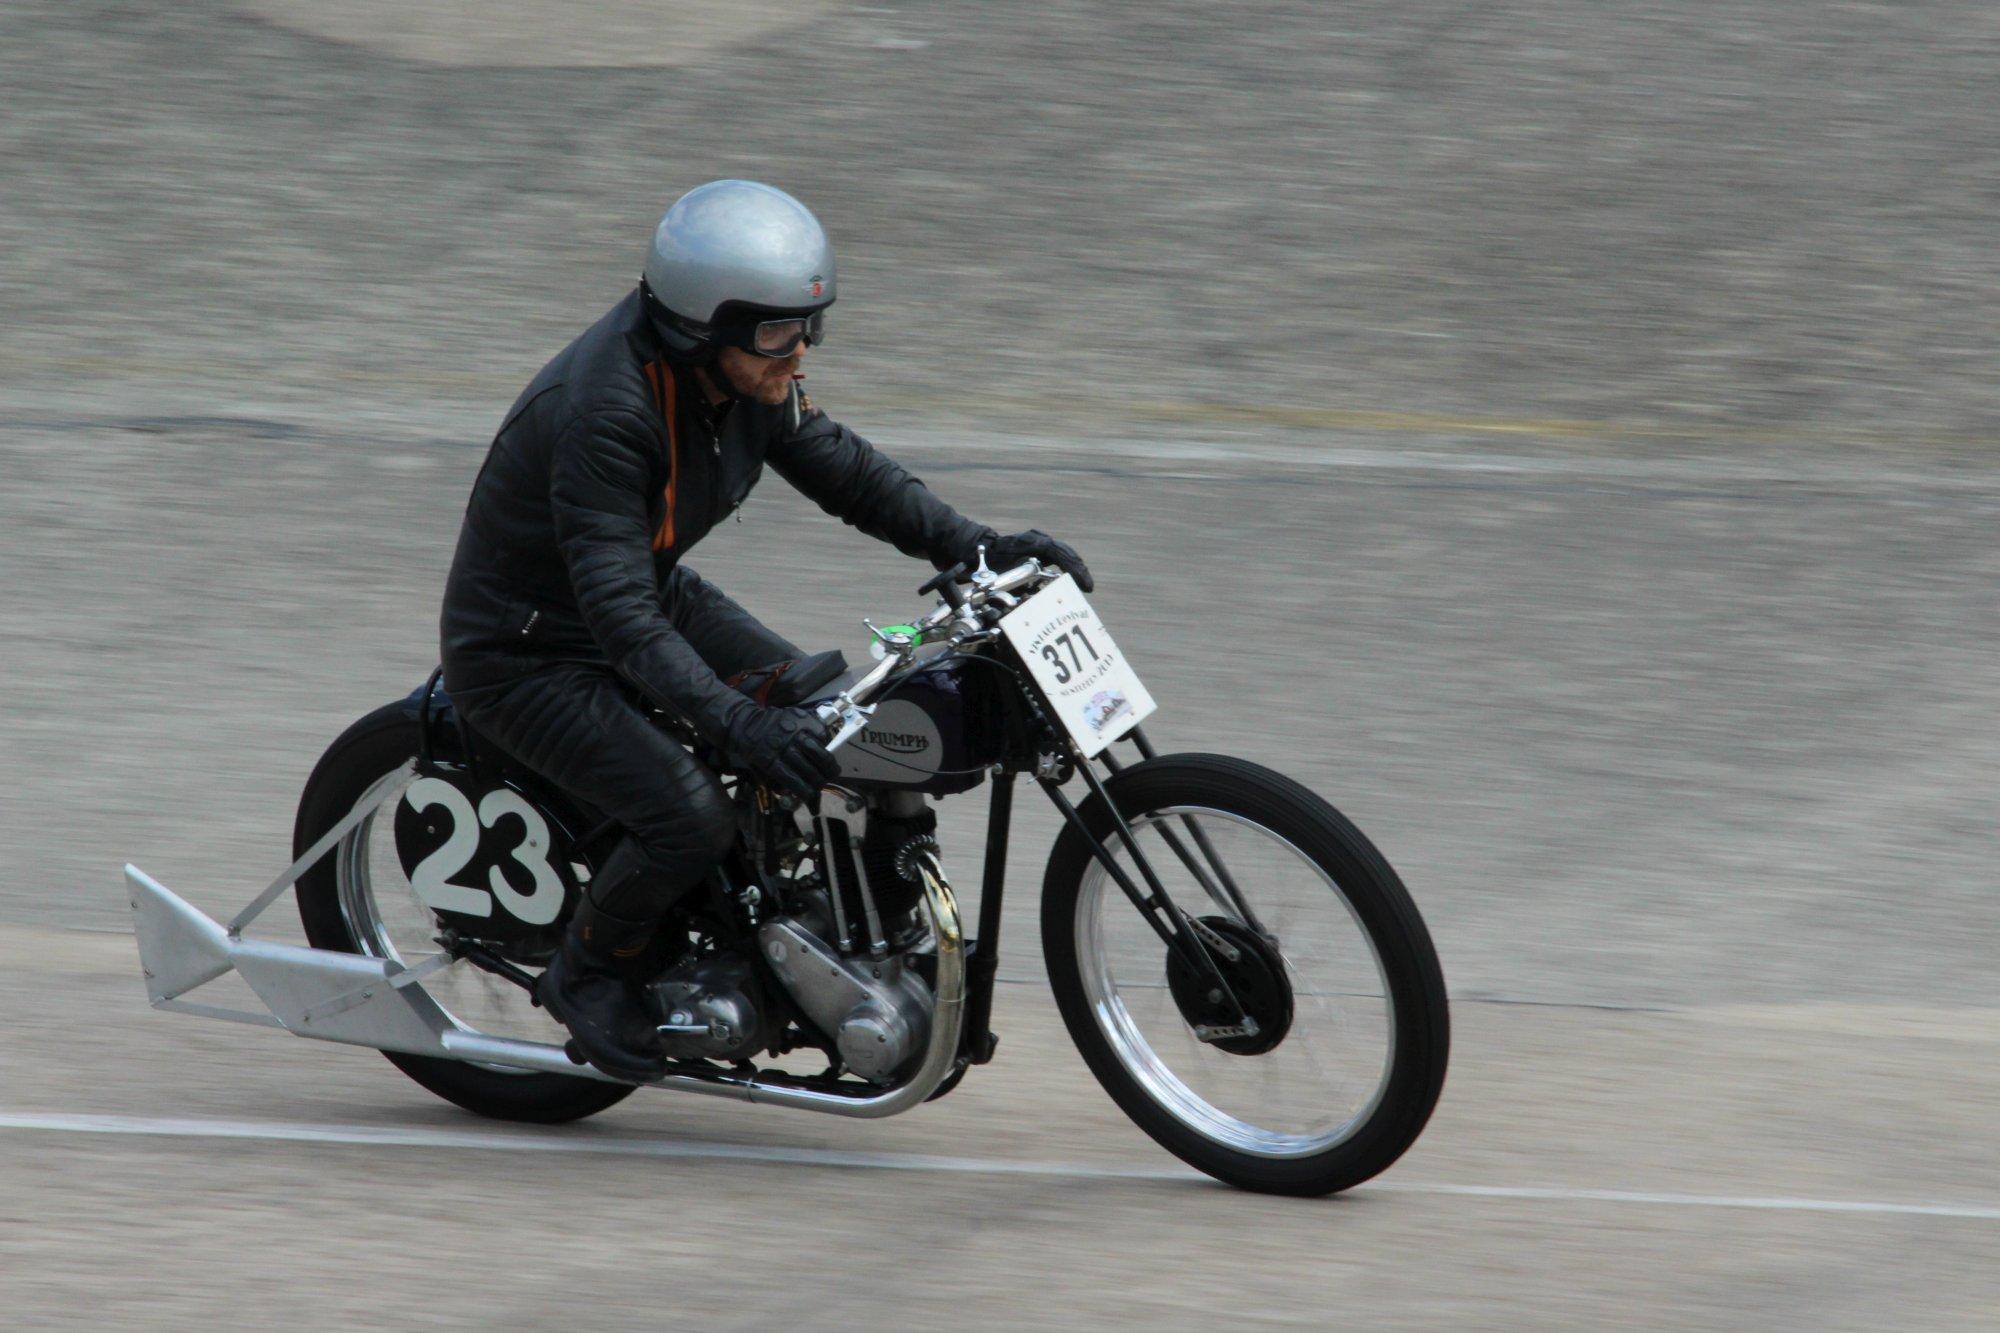 Monthlery Vintage Revival-Pré war cars &bikes-11&12 mai 2019 Image